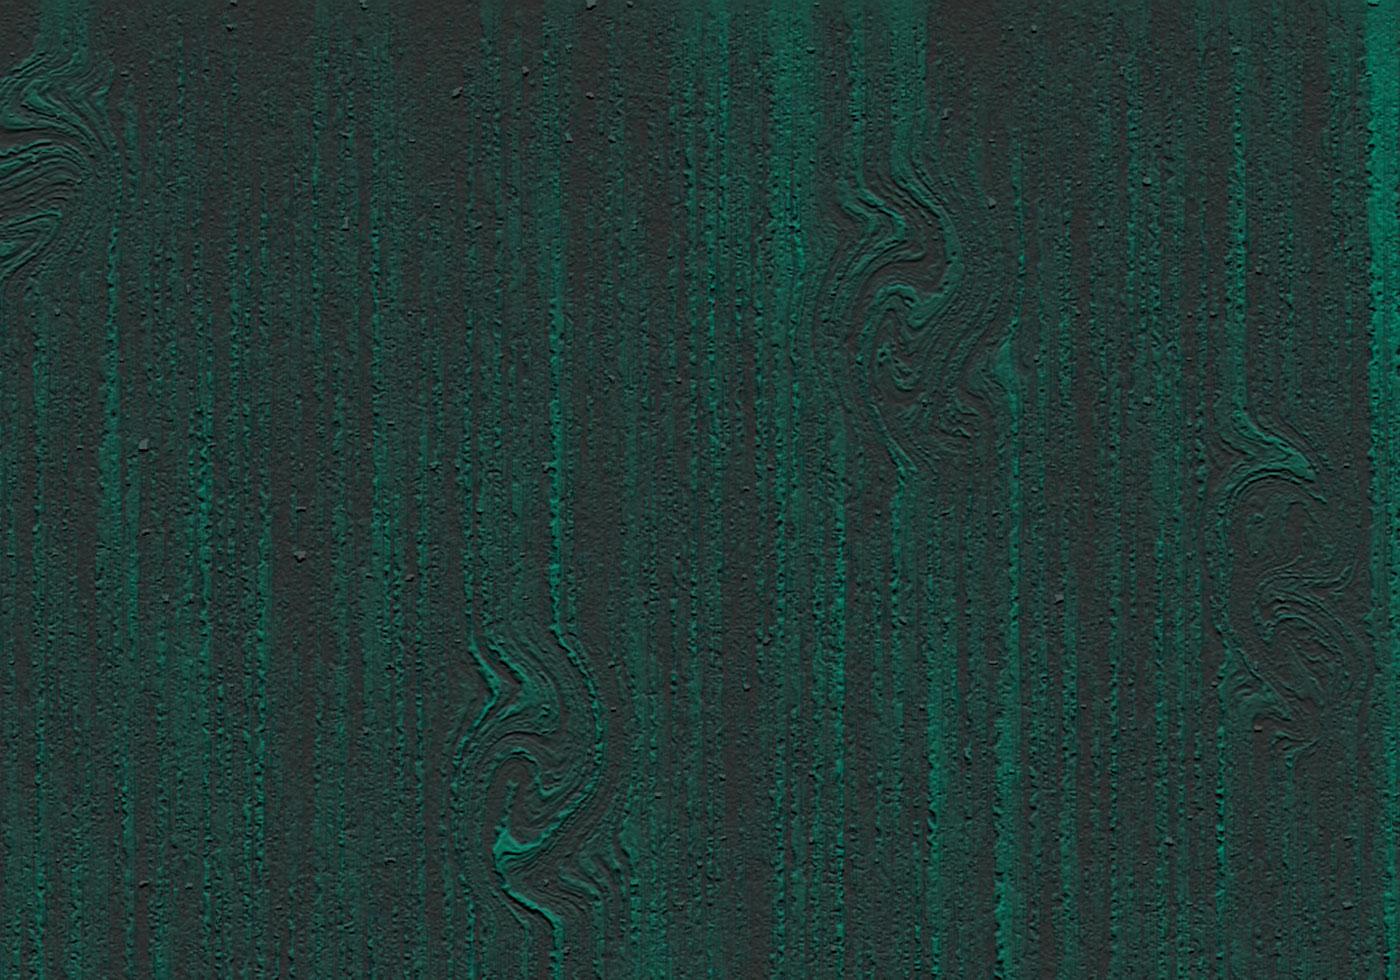 Grass Resources Grass Textures Tutorials Icons Brushes – Fondos de